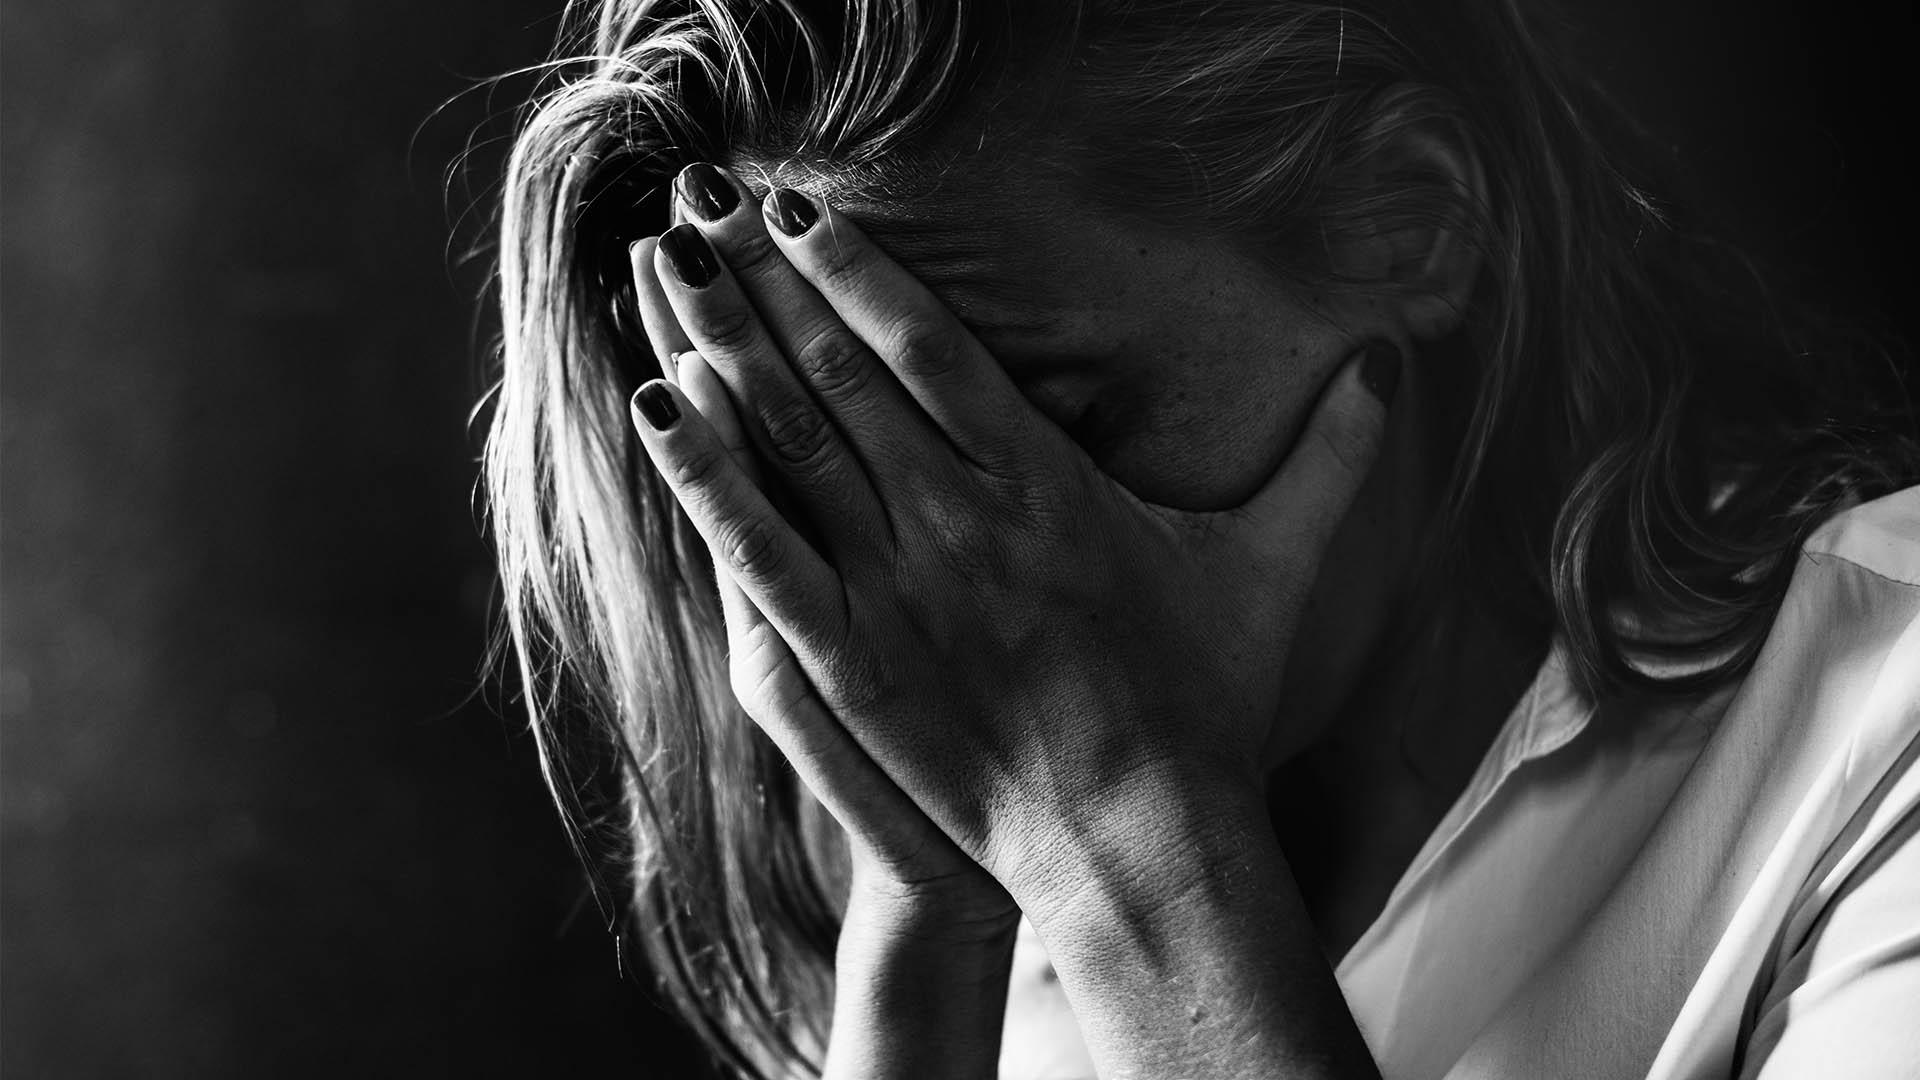 kobieta-smutek-depresja